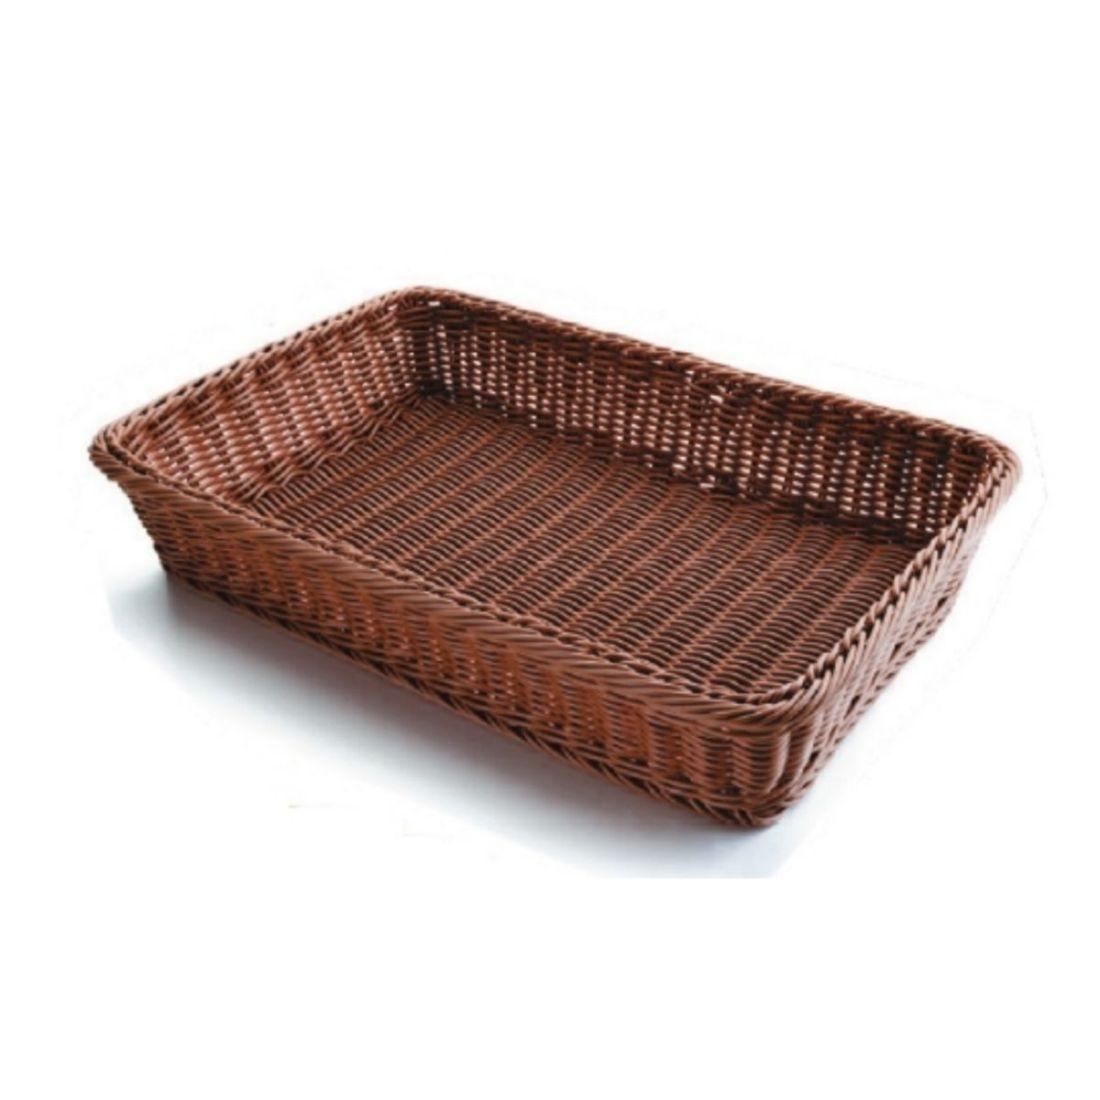 Košík na pečivo polypropylen - obdélný, tmavý